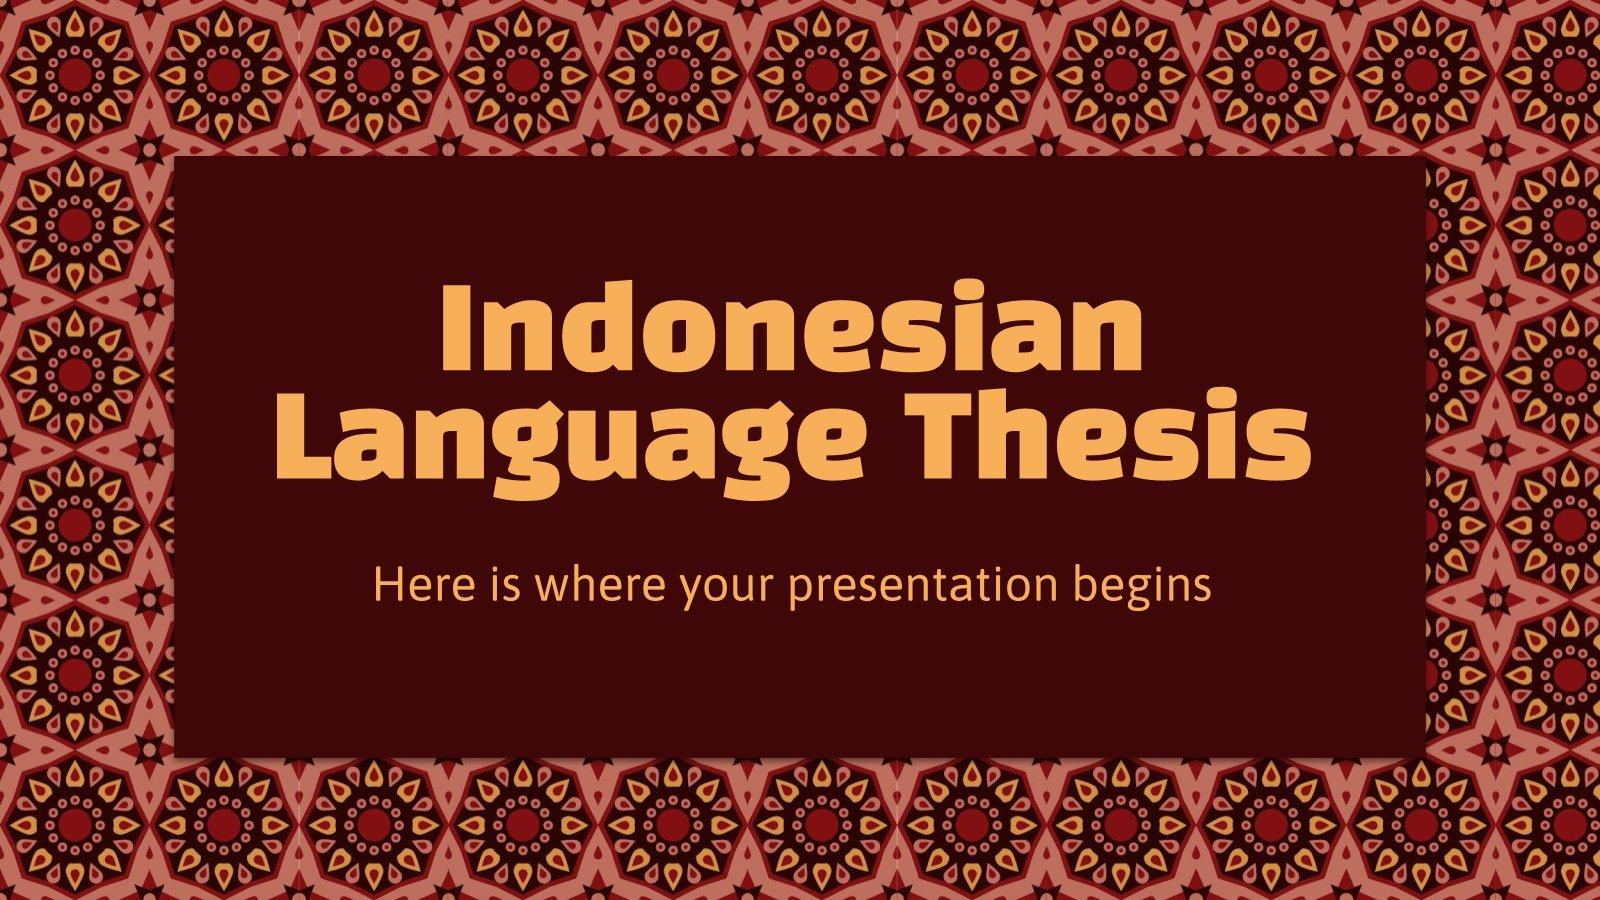 Modelo de apresentação Tese da língua indonésia